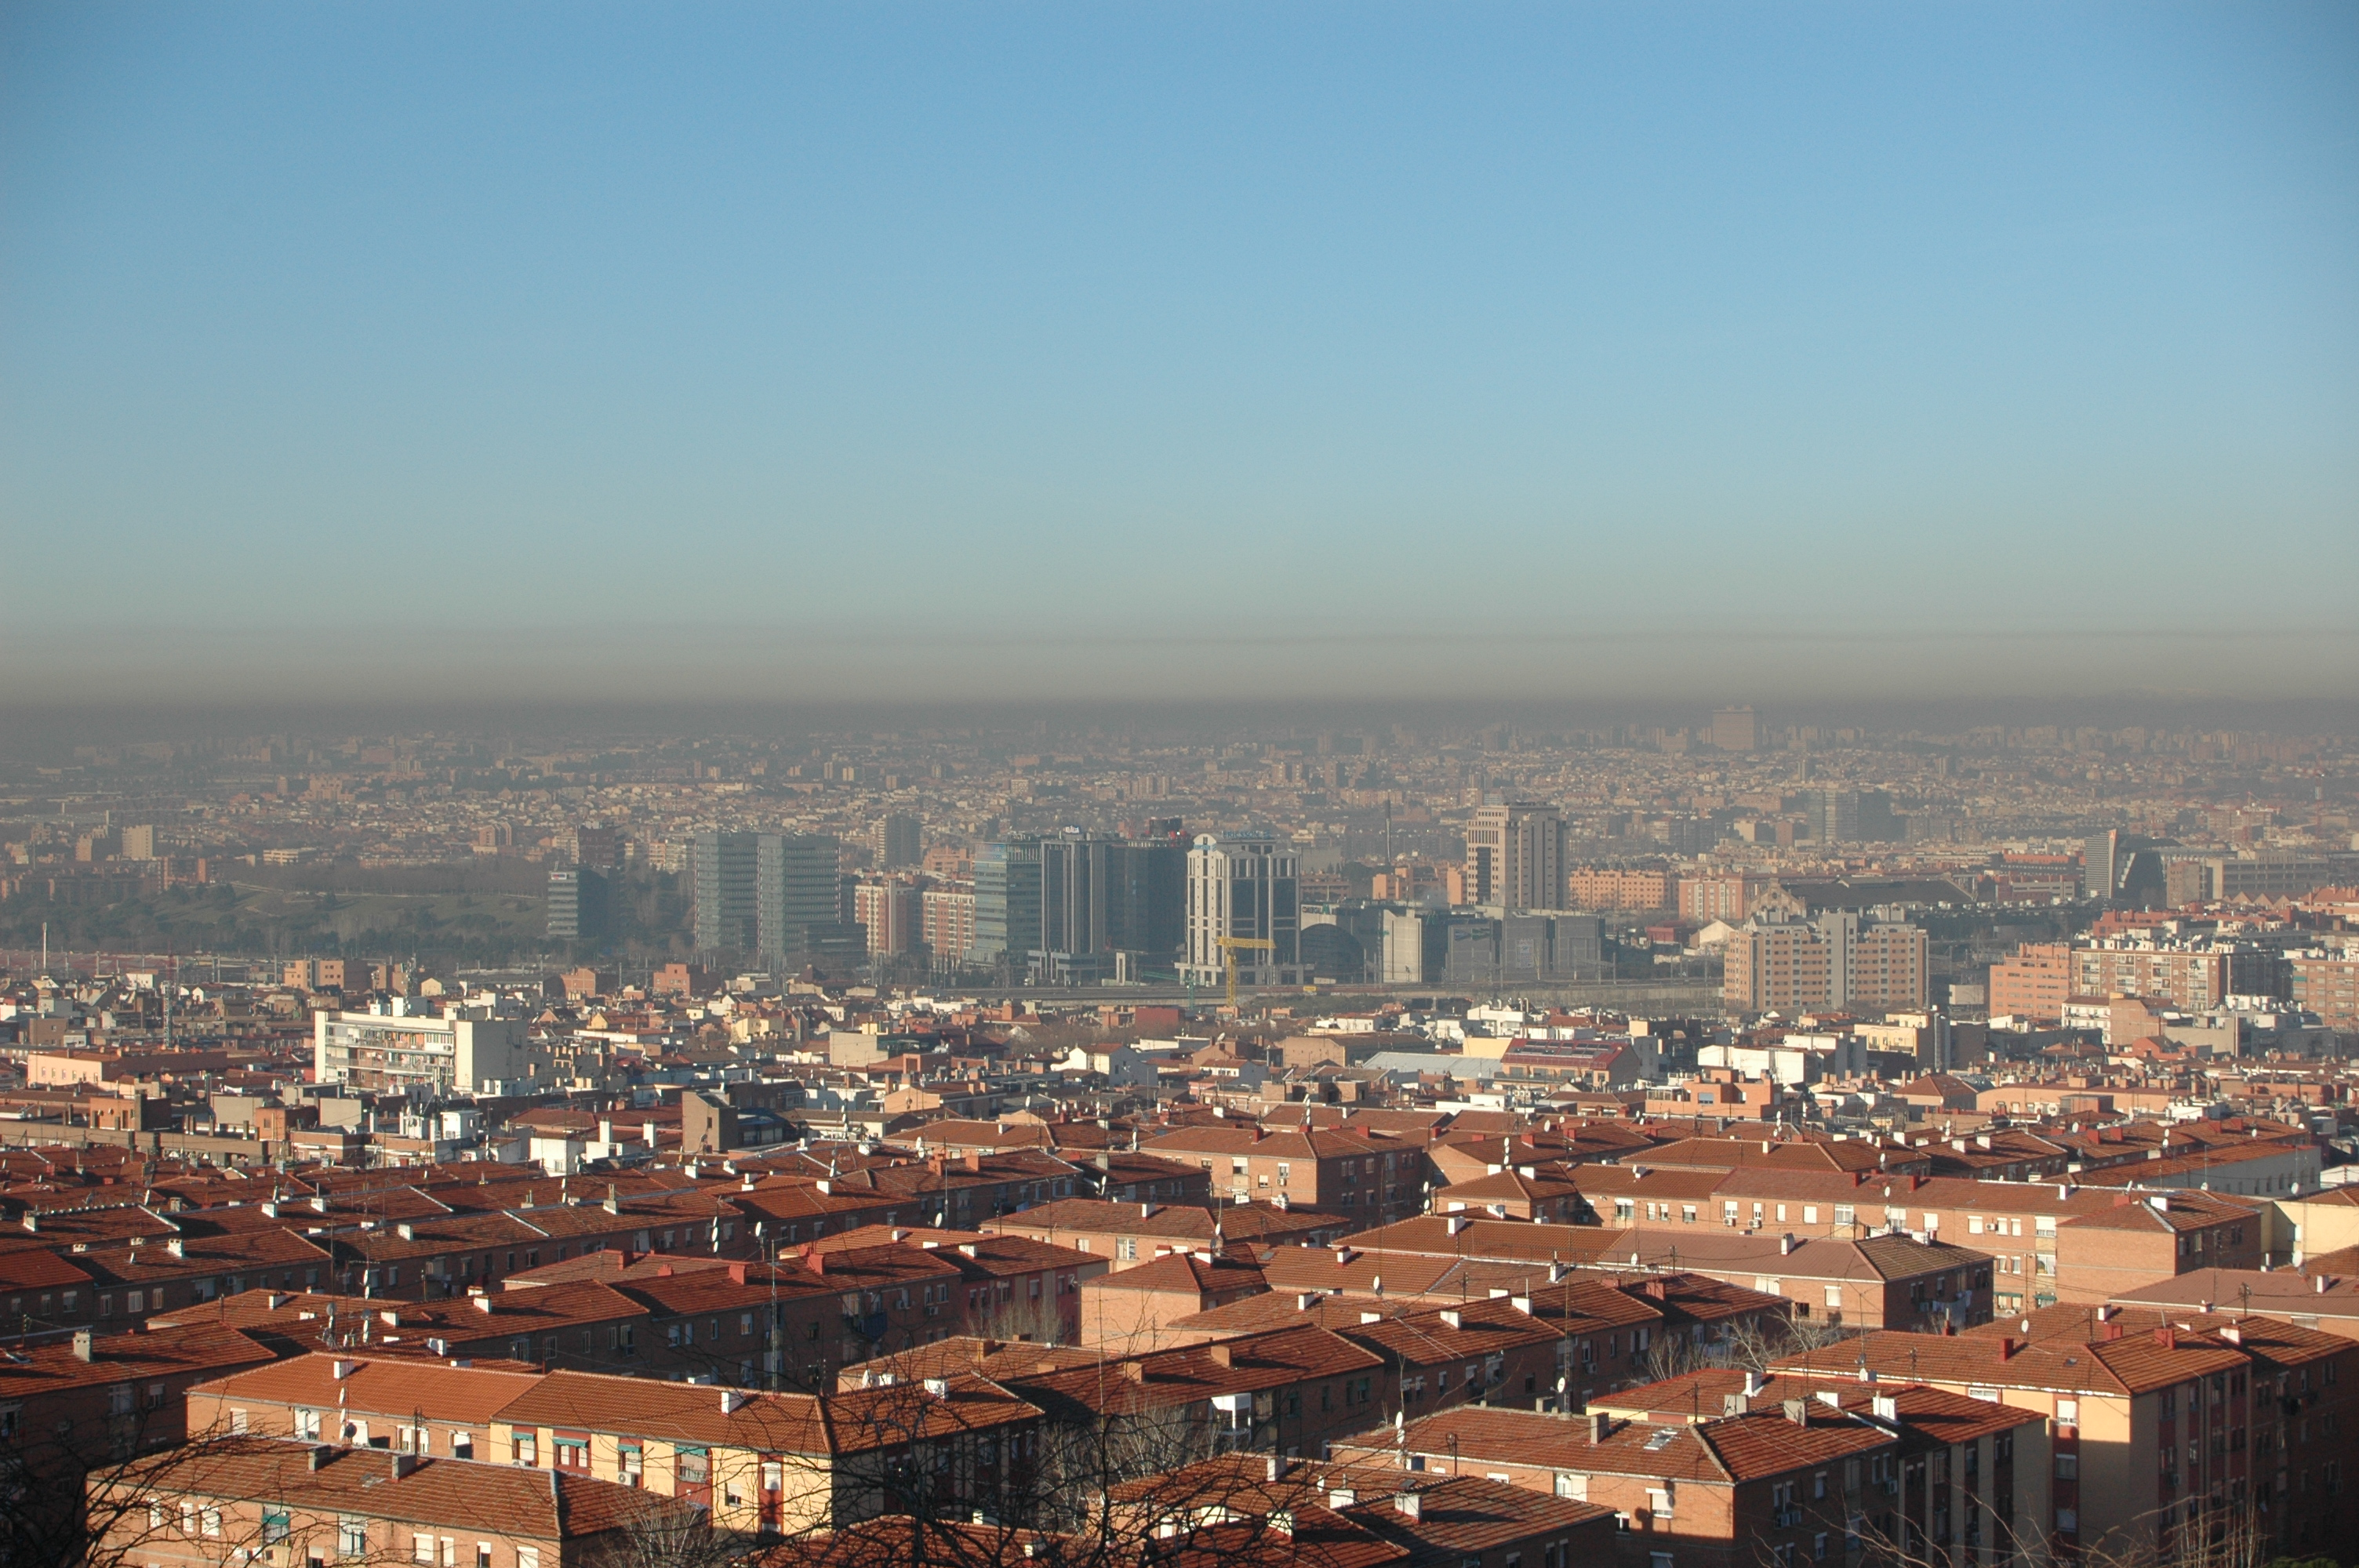 El bonito cielo de madrid desde vallecas monteigueldo 39 s blog - El cielo de madrid ...